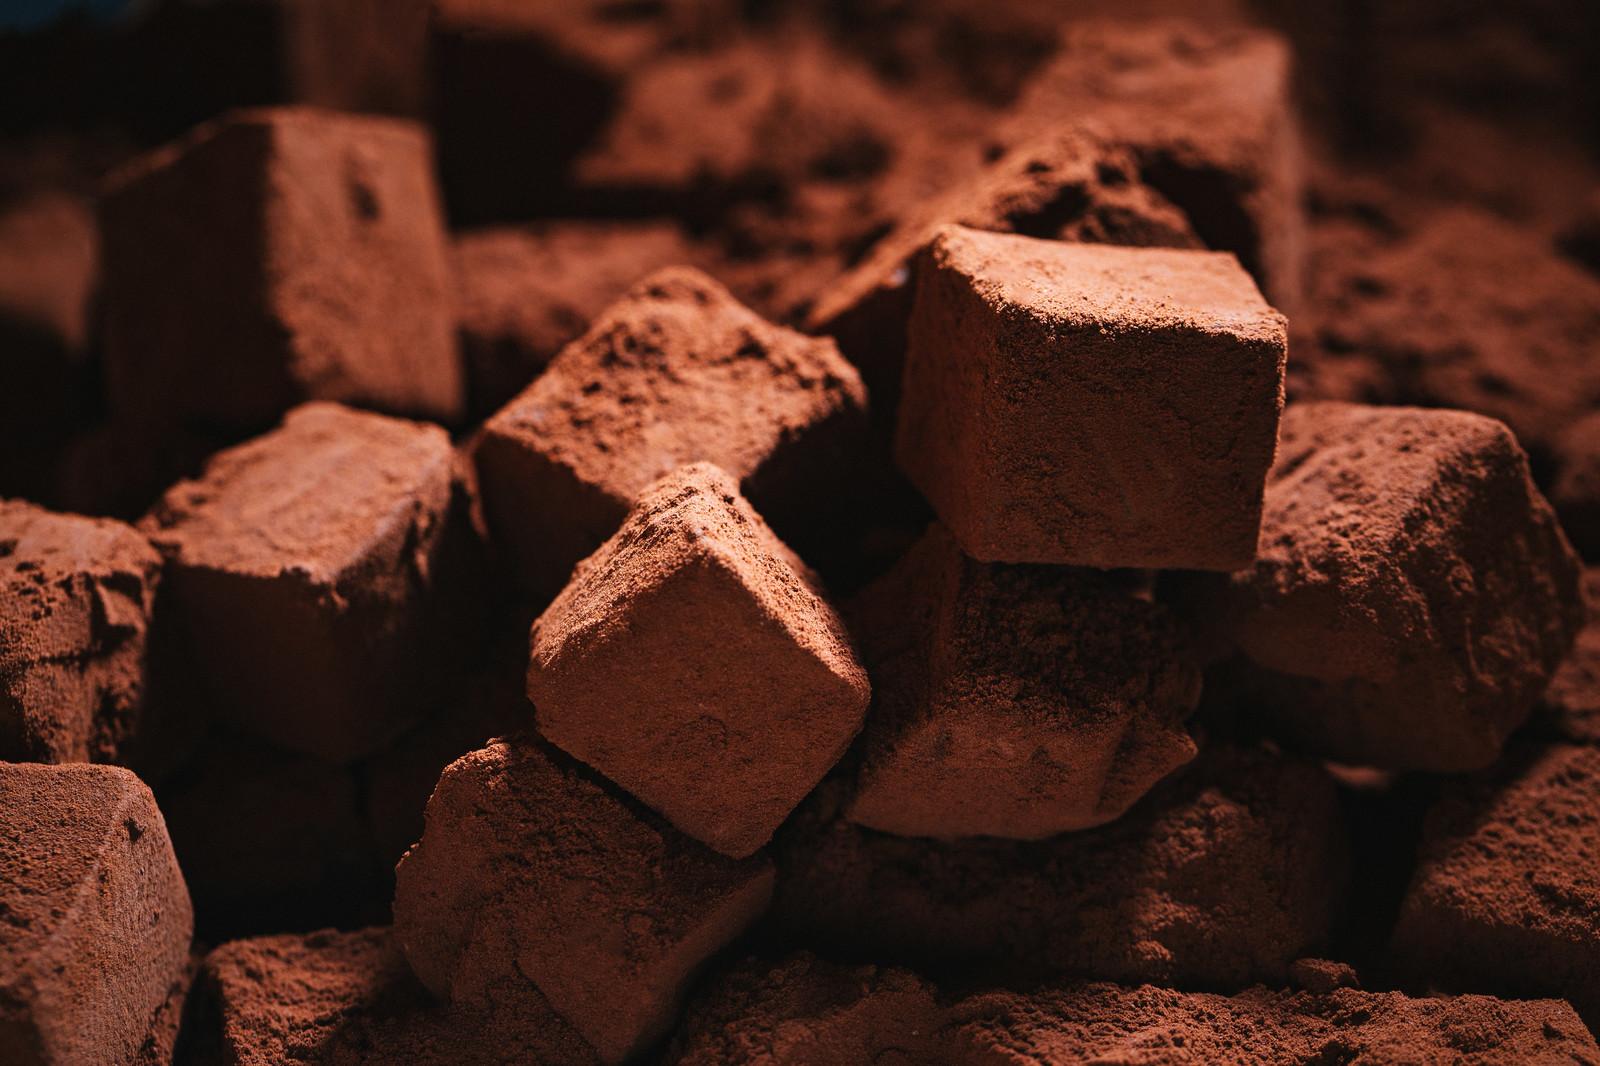 梅田で人気のチョコレート!贈り物やプチ贅沢におすすめの専門店も紹介